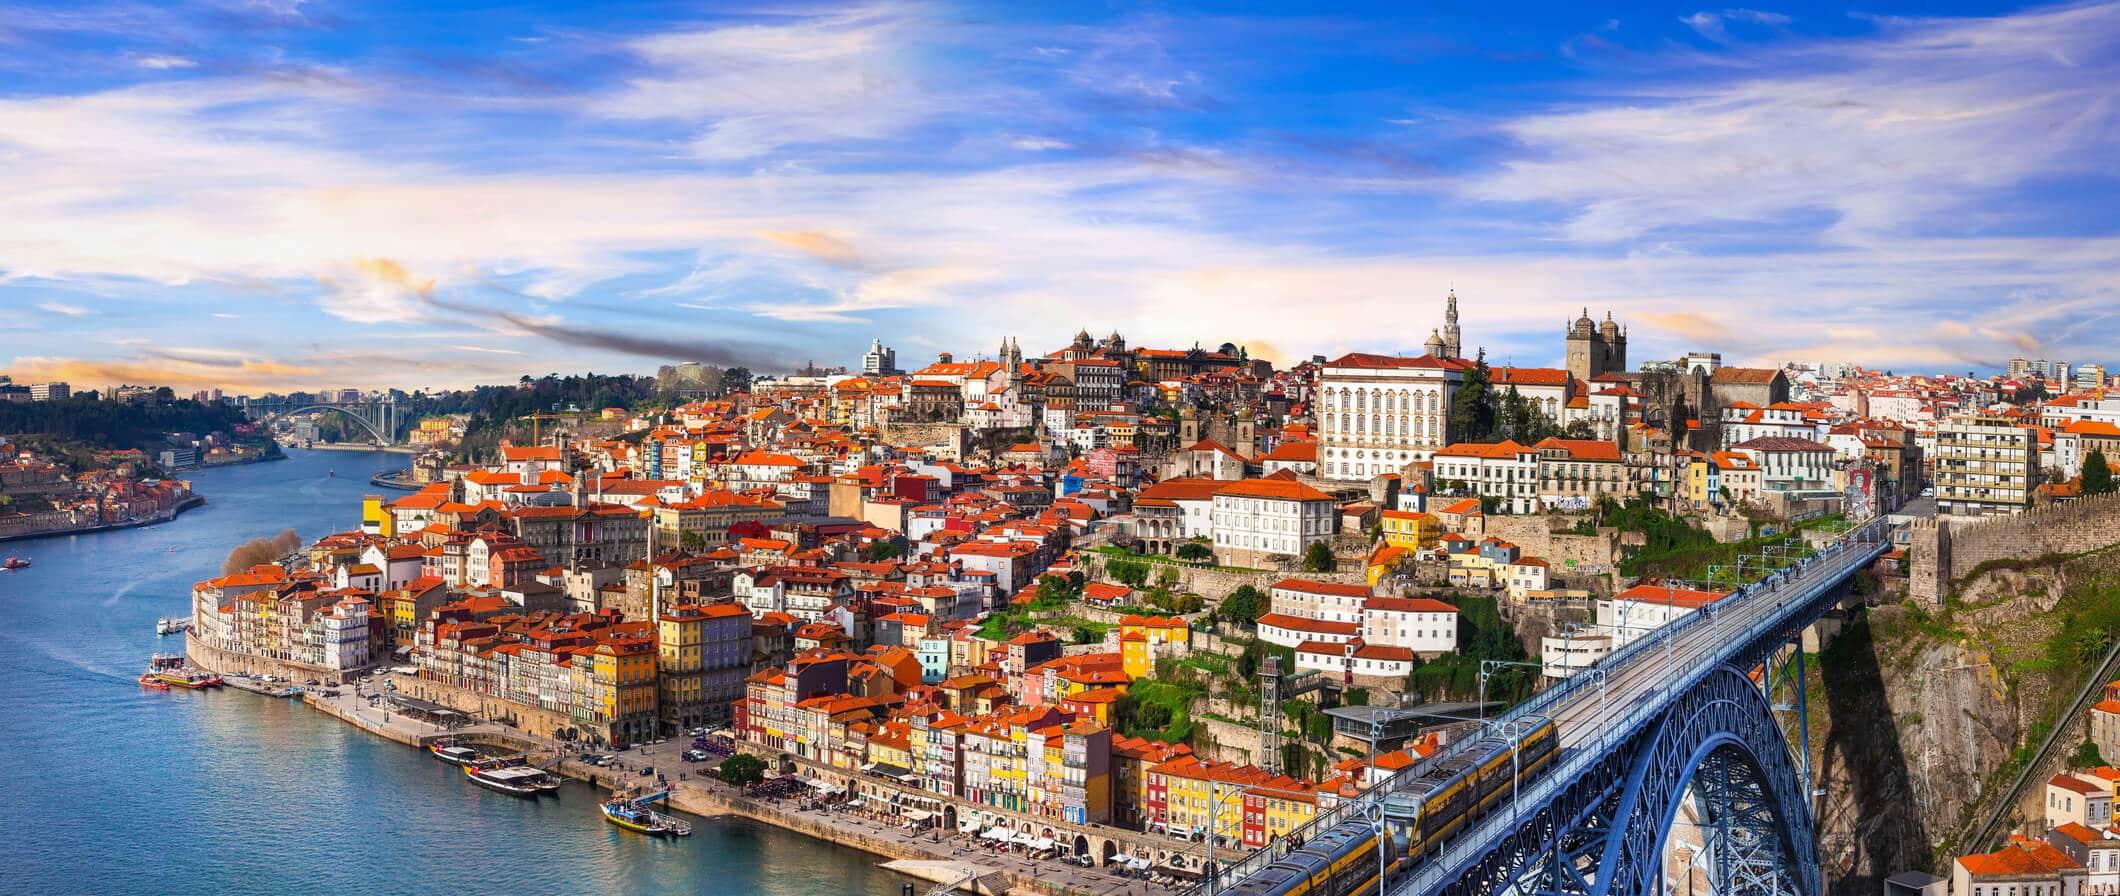 Visitas Guiadas Porto - Vista Completa da Cidade do Porto